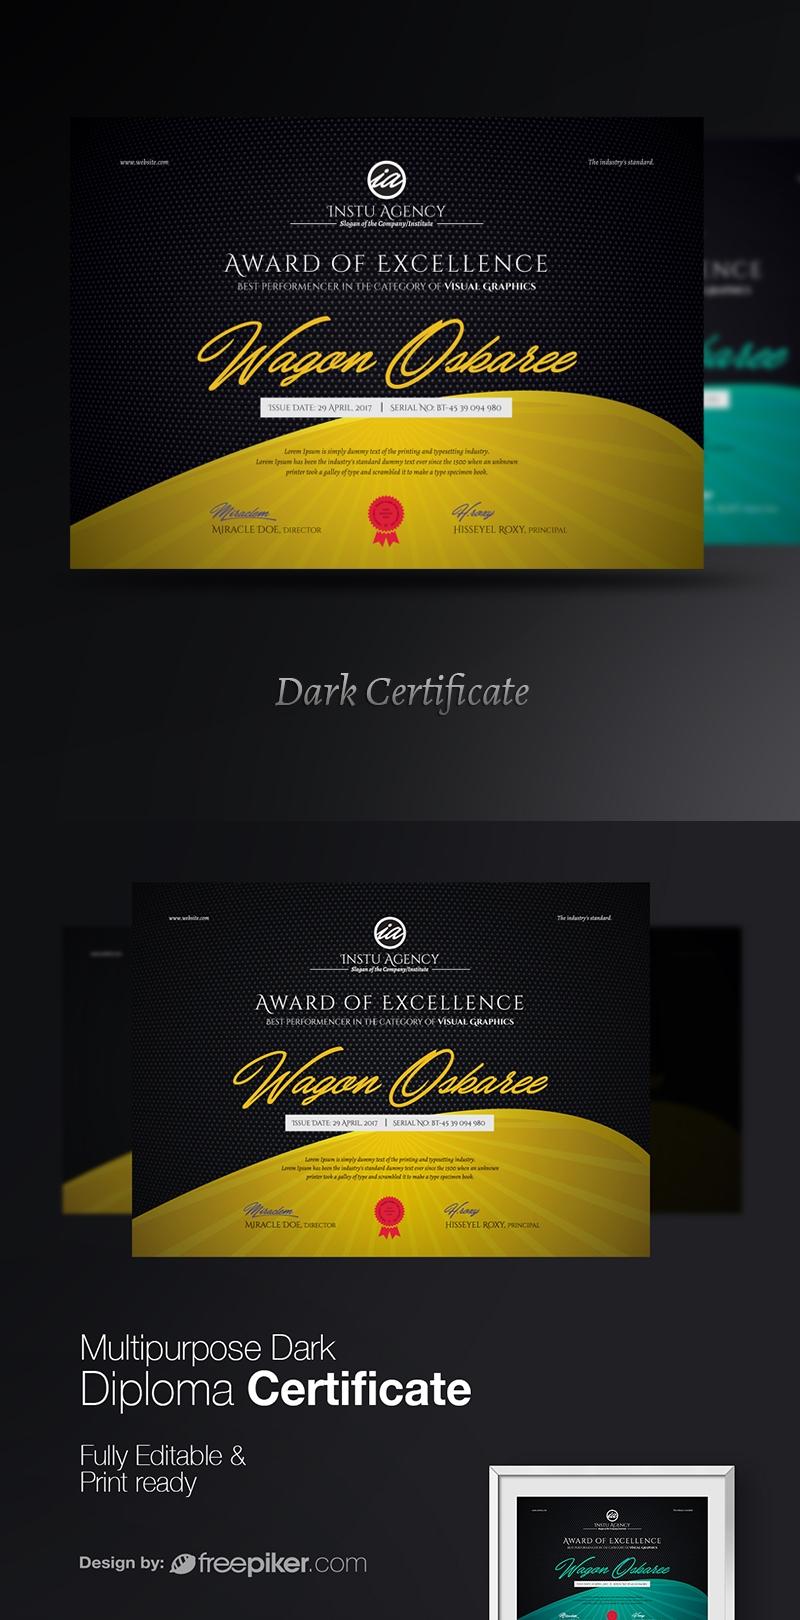 Multipurpose Dark Diploma Certificate